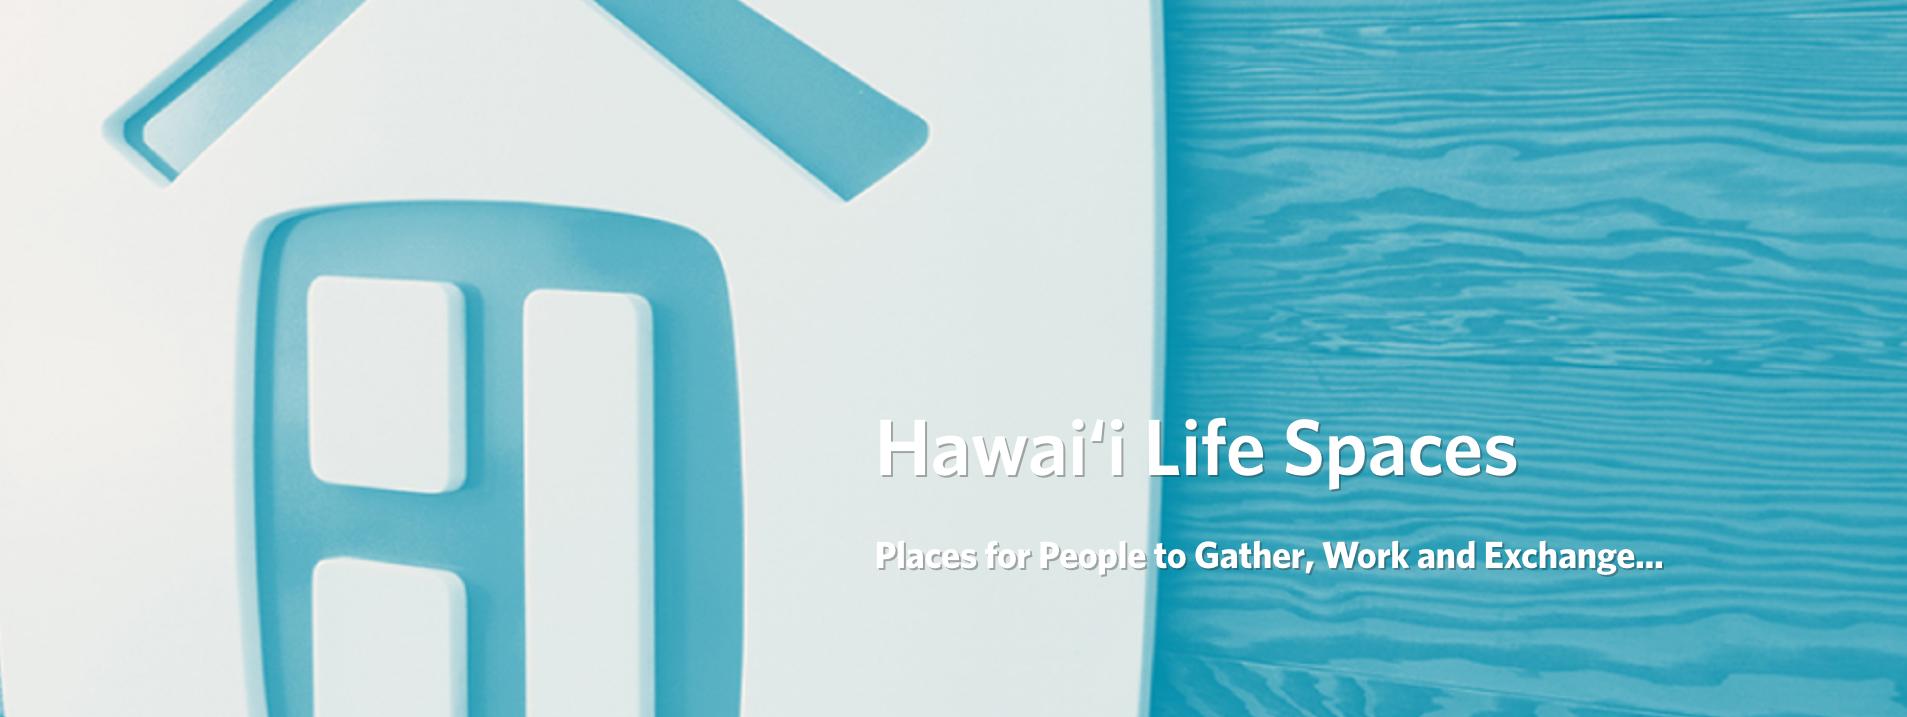 Hawaii Life Real Estate Brokers reviews   Condominiums at 5-4280 Kuhio Hwy - Princeville HI